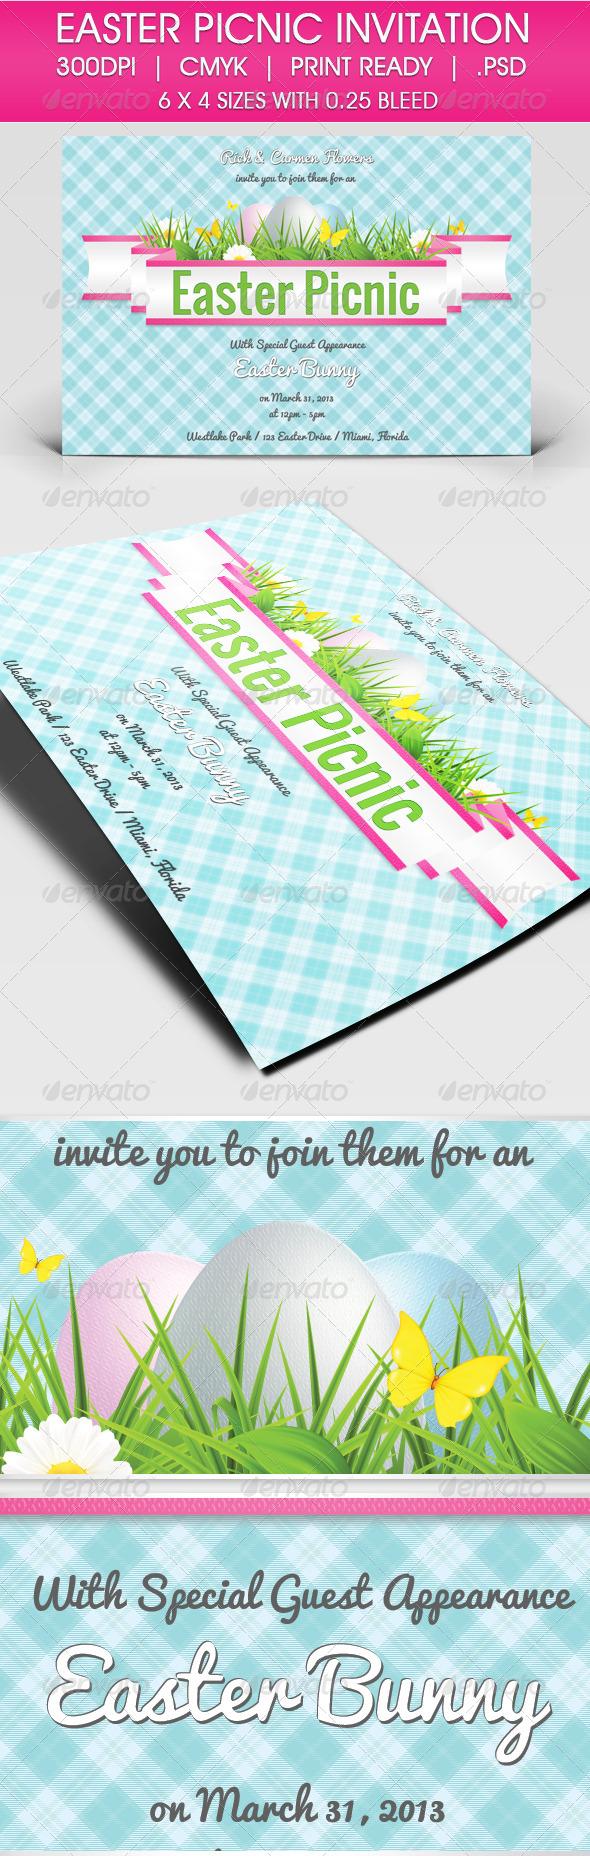 GraphicRiver Easter Picnic Invitation 4148377